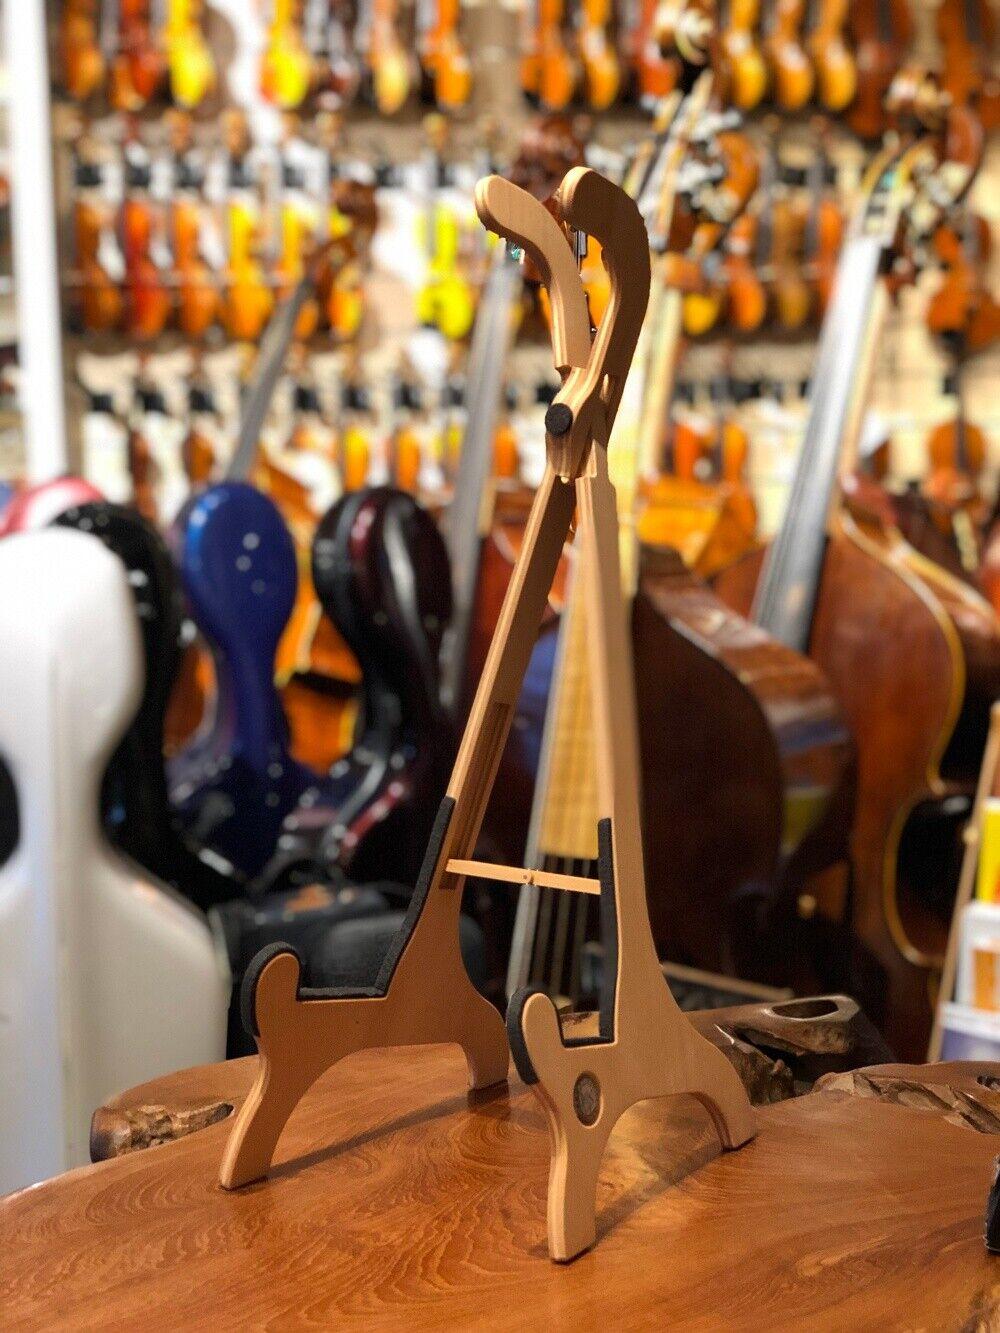 Kjk Beech Violinenstand,Stand für Violine, Violinenstand